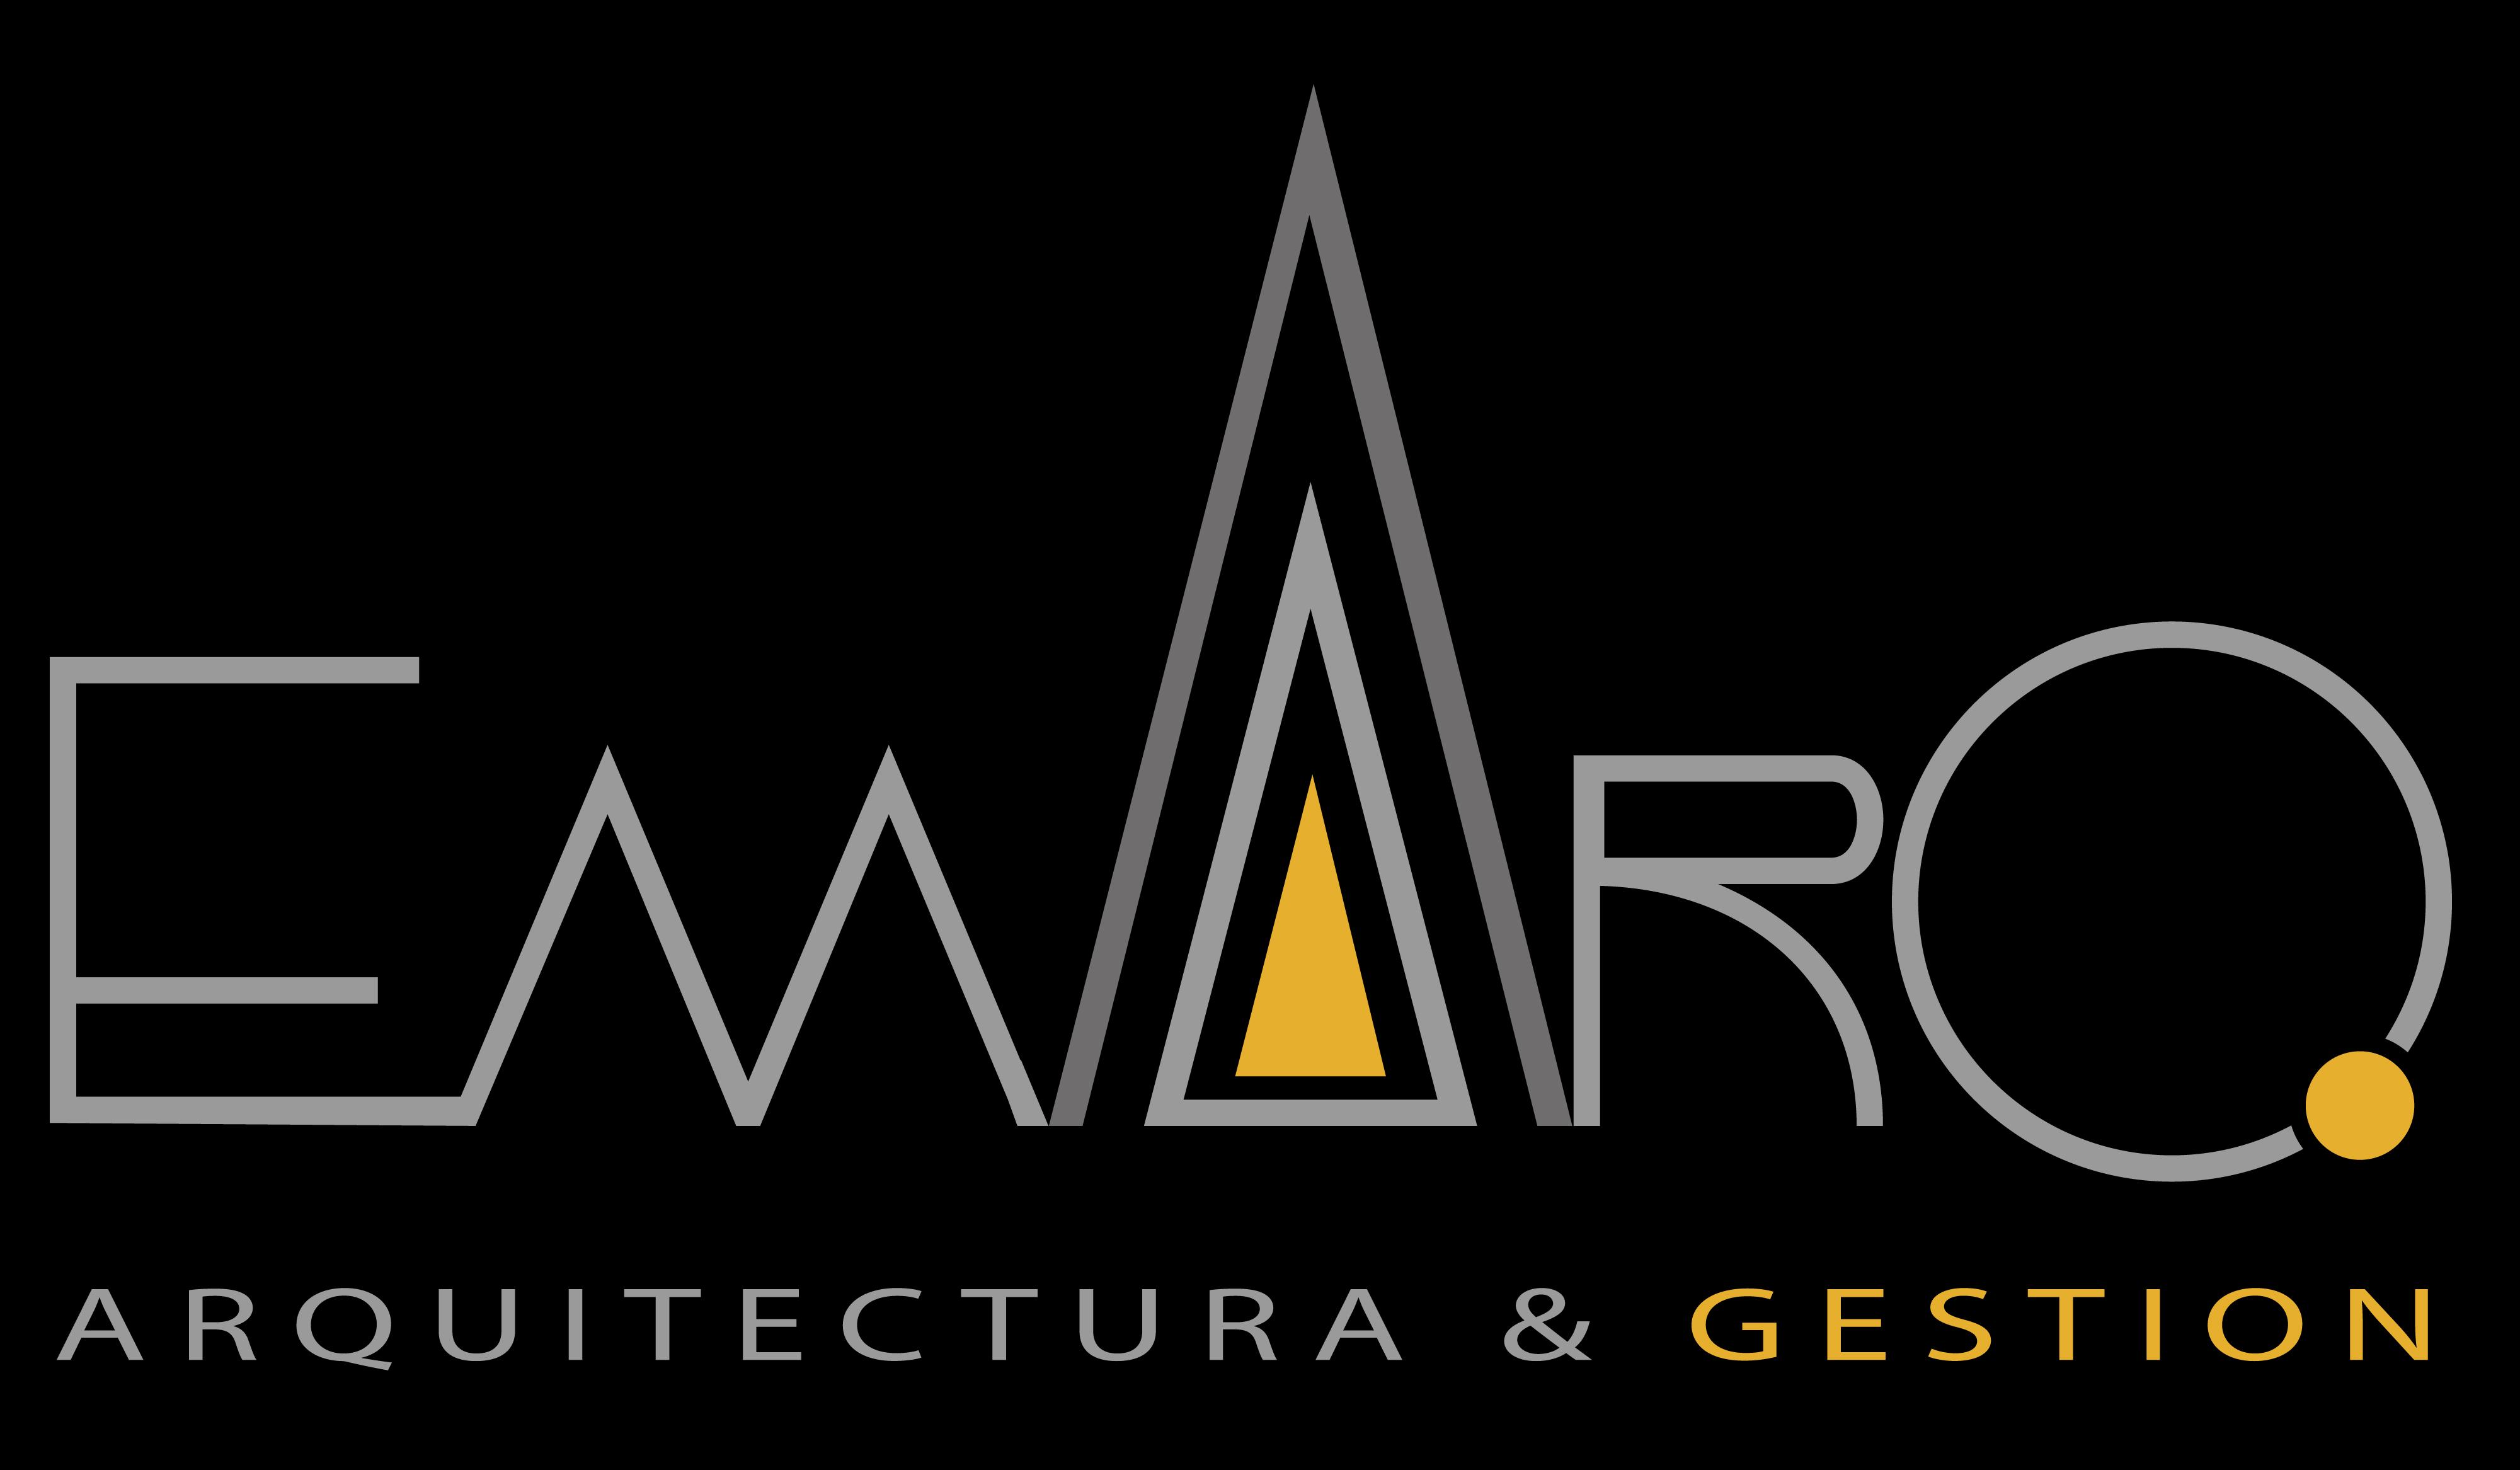 EMARQ Arquitectura & Gestión